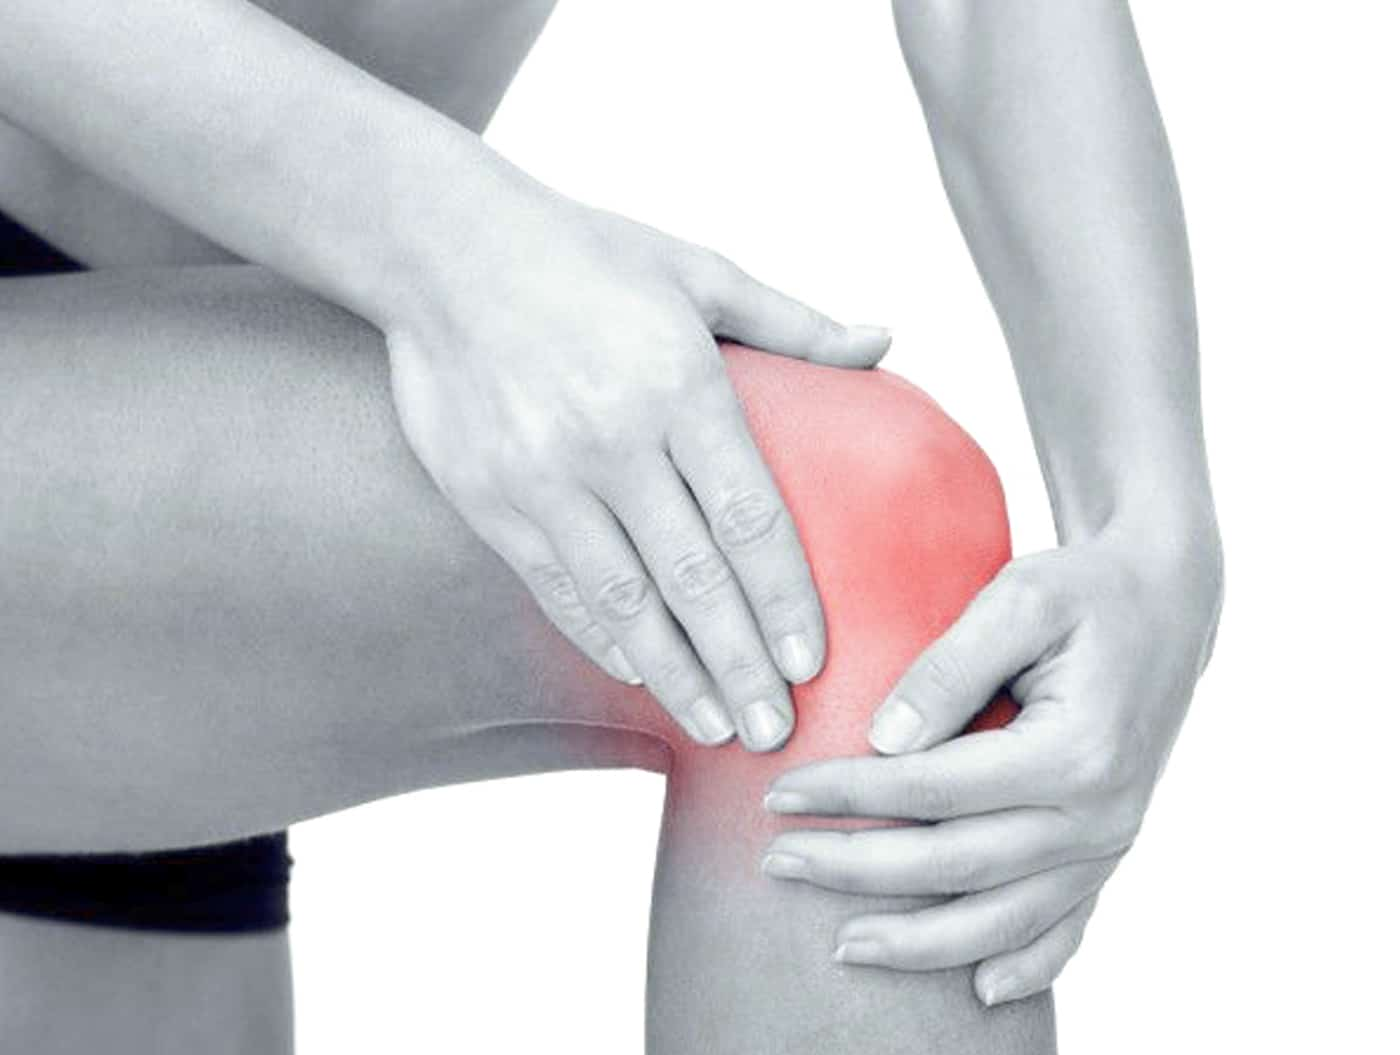 Contusión articular: una lesión invisible